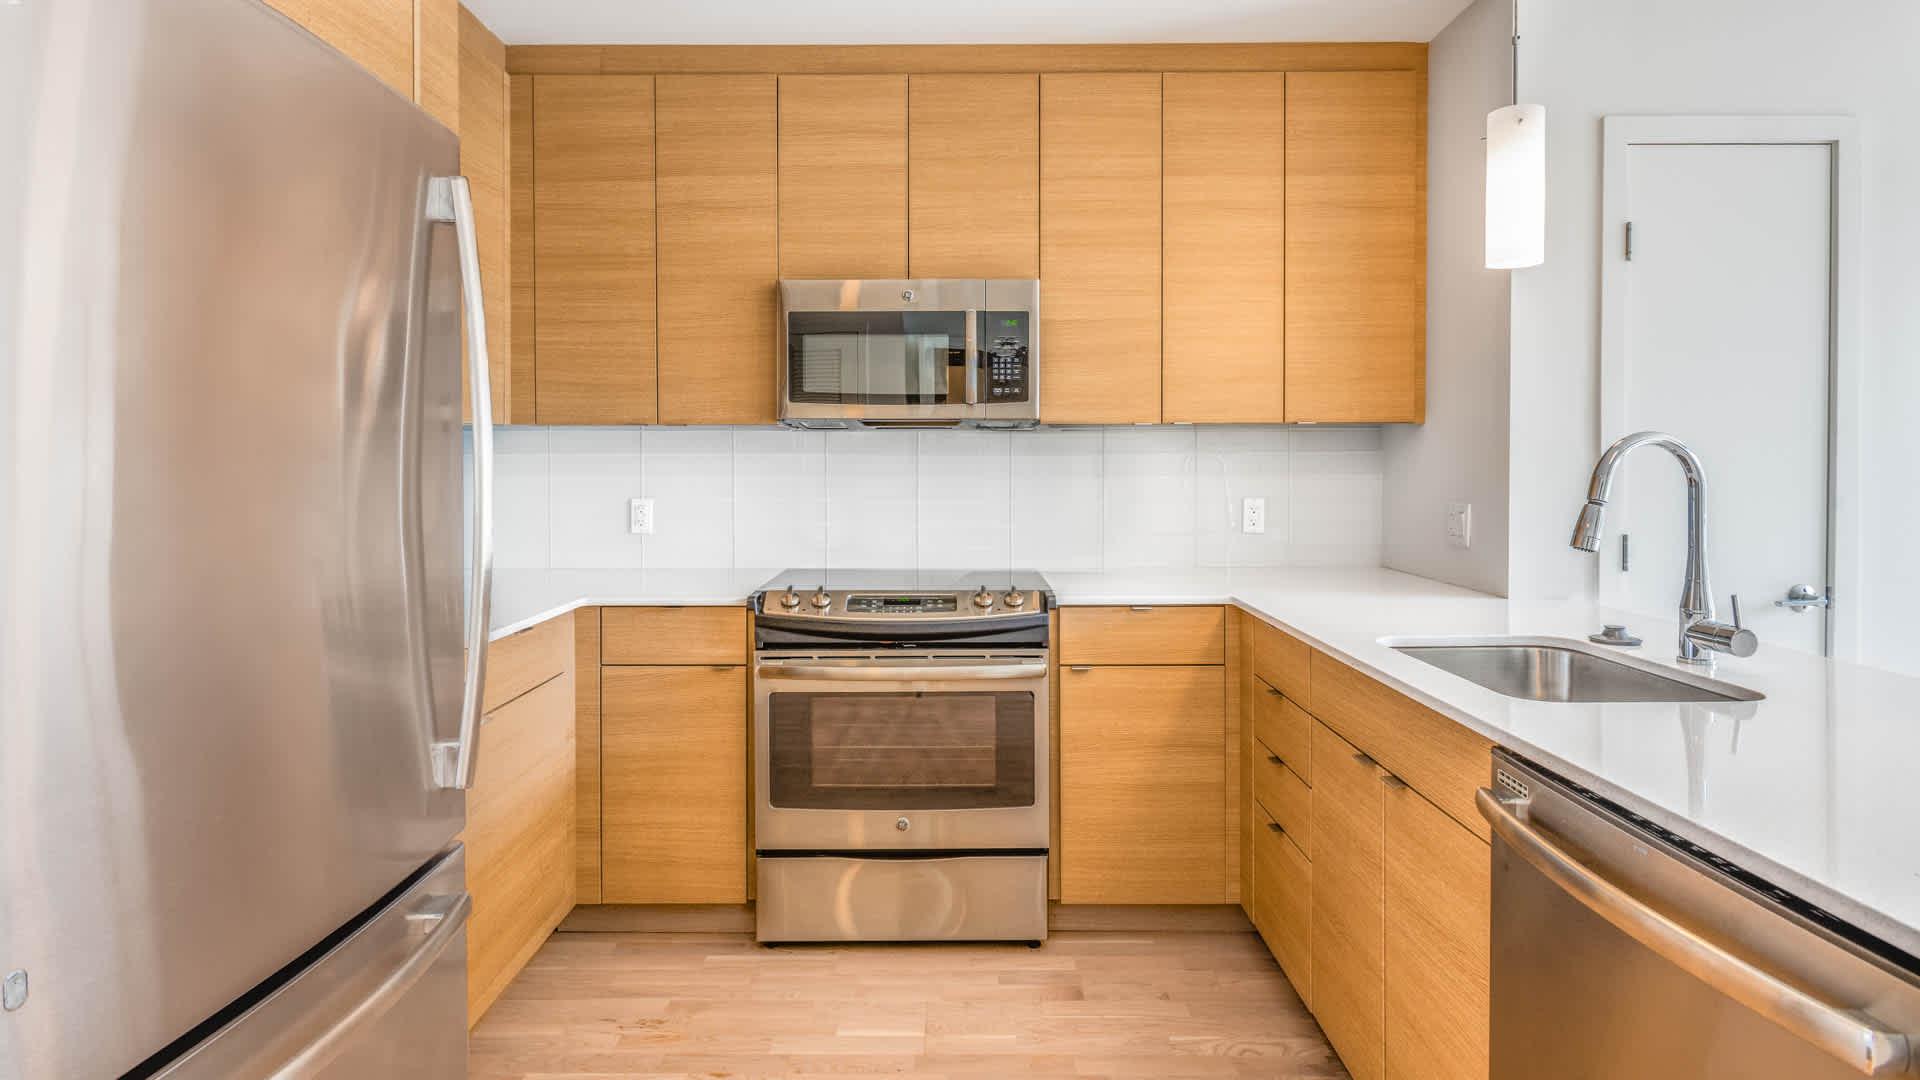 Girard apartments kitchen